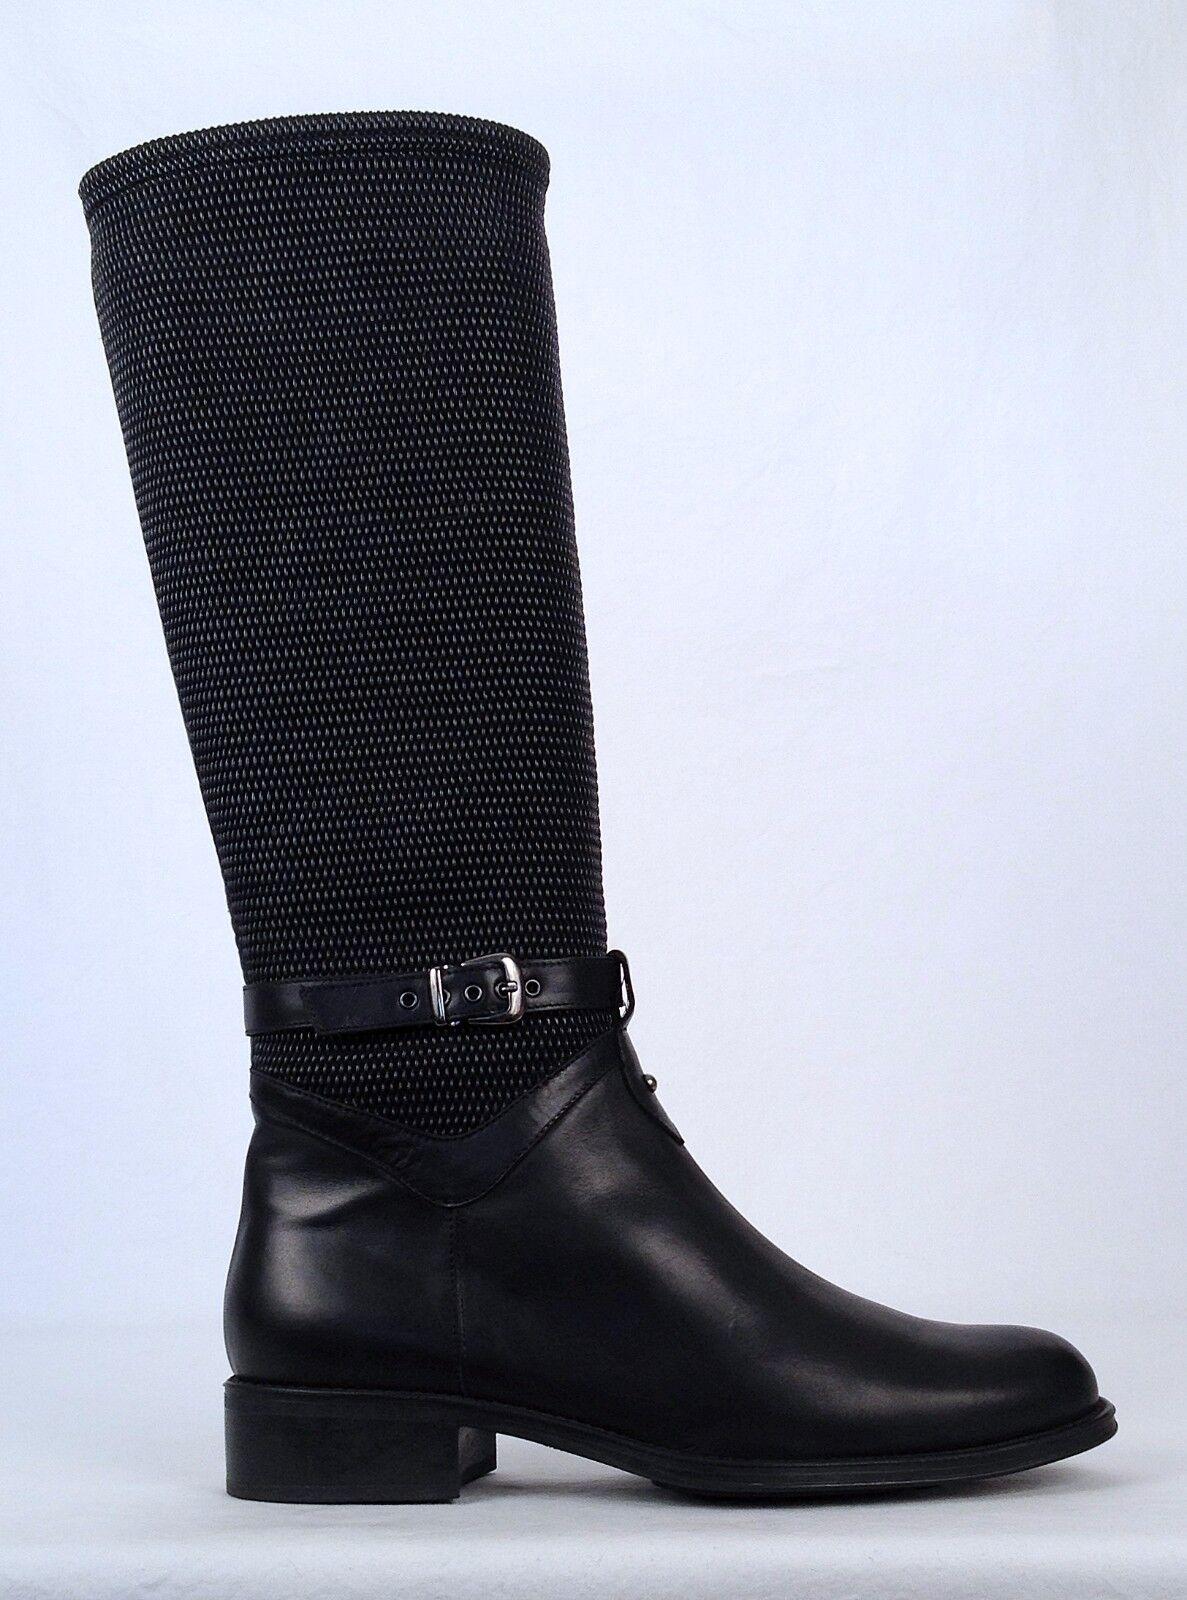 Aquatalia by Marvin K K K 'Undy' Boot- Black- Size 10 US-  598  (B14) 6b5197